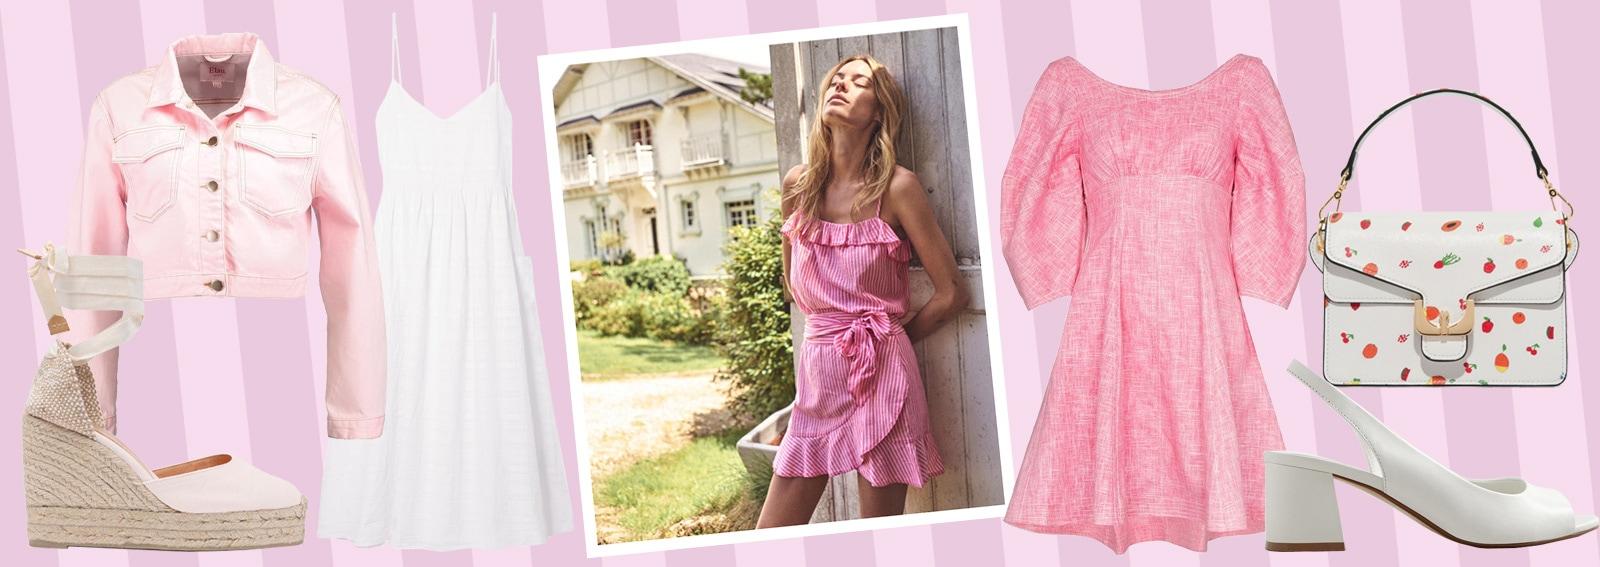 Colori Da Abbinare Al Rosa come abbinare il colore rosa: 5 look per l'estate 2018